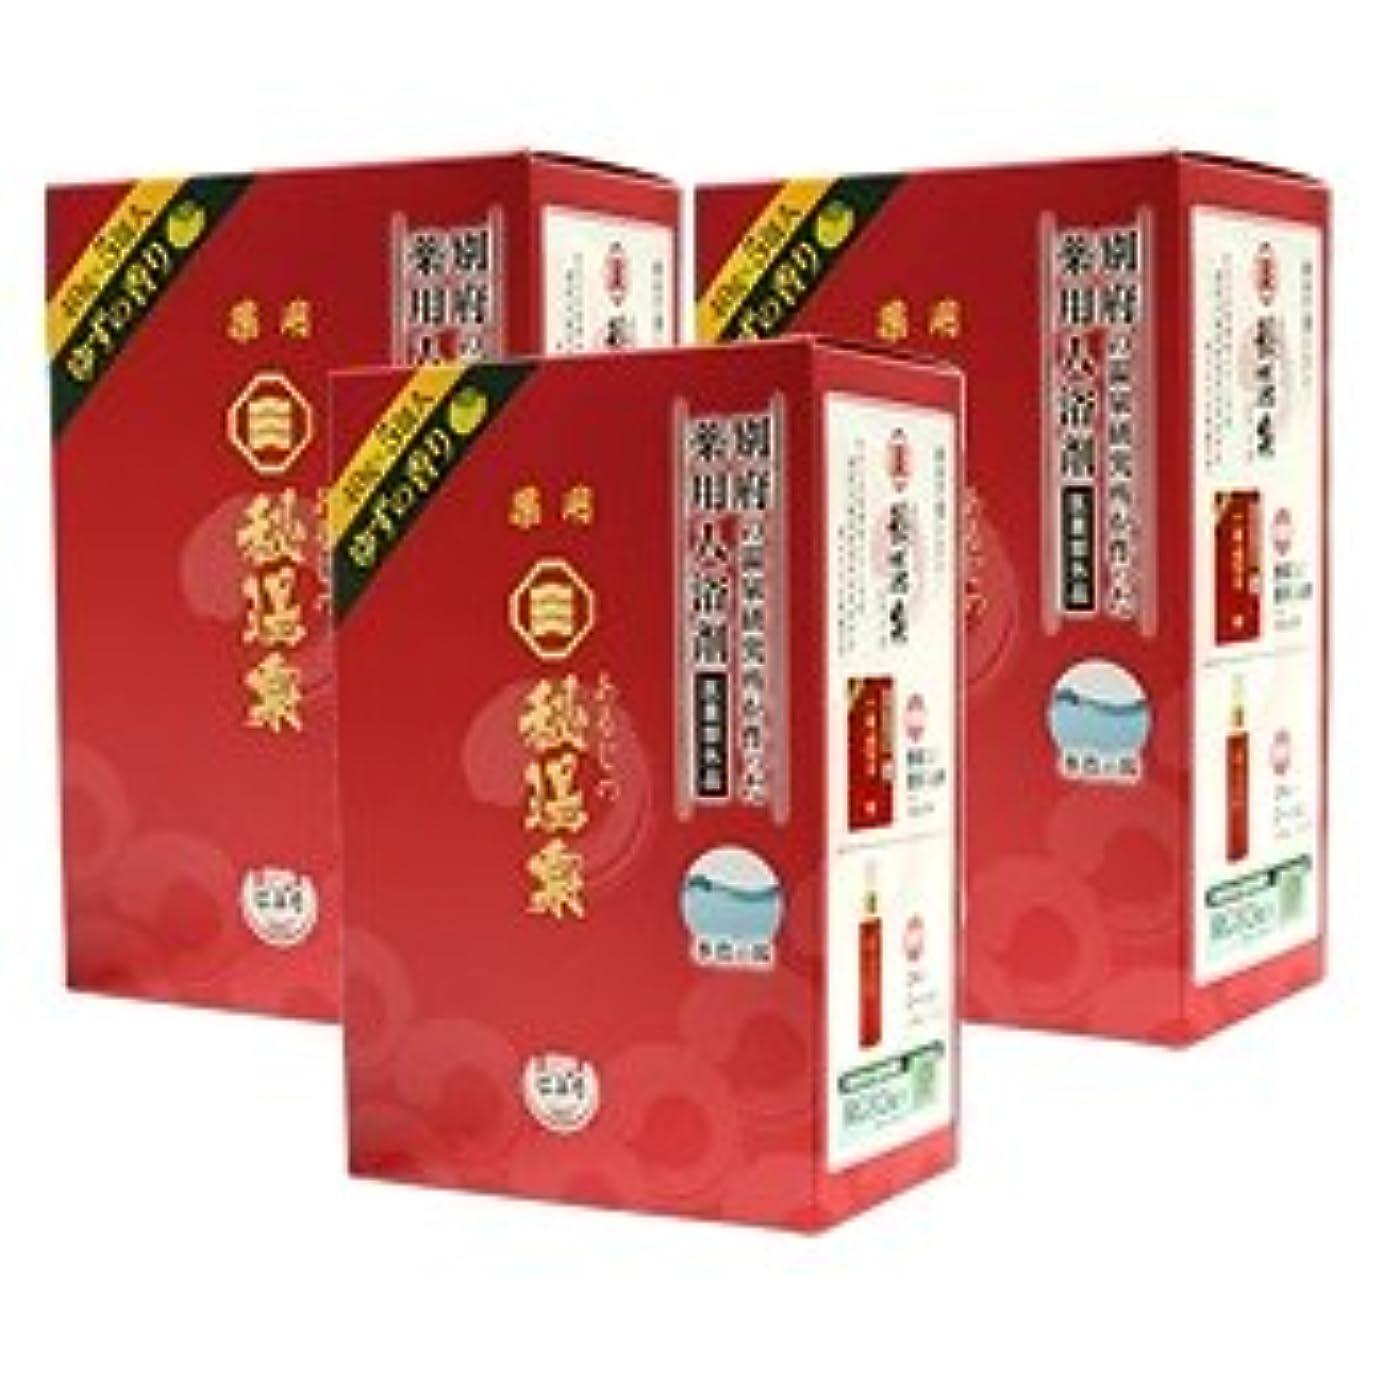 レモンプレーヤー素晴らしい良い多くの薬用入浴剤 あるじの秘湯泉 ×3箱(1箱5包入り)セット